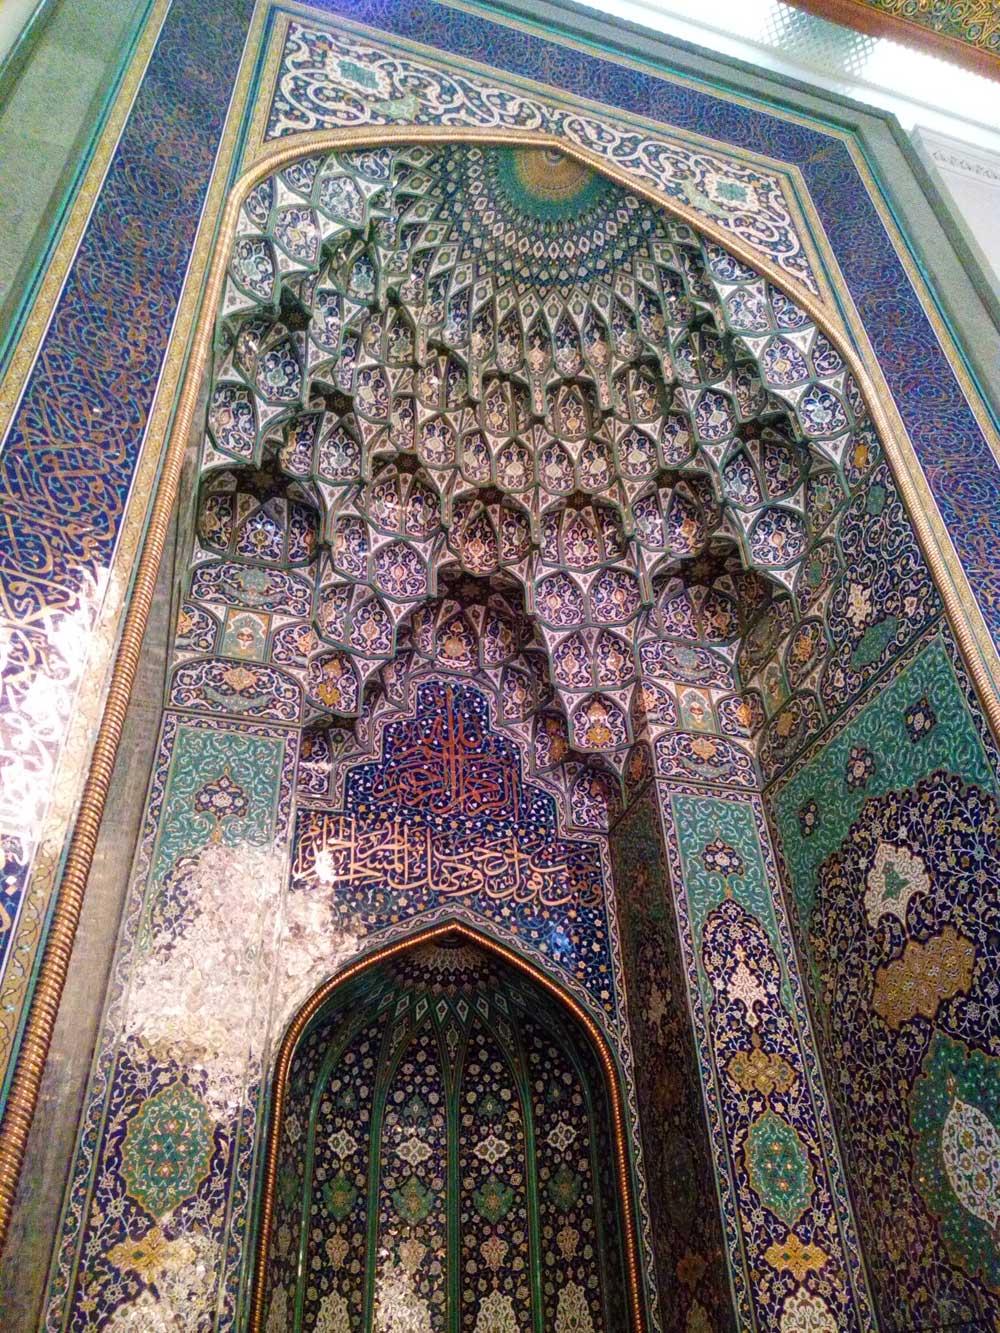 Scorcio interno della Moschea di Muscat - foto di Danilo Boaretto